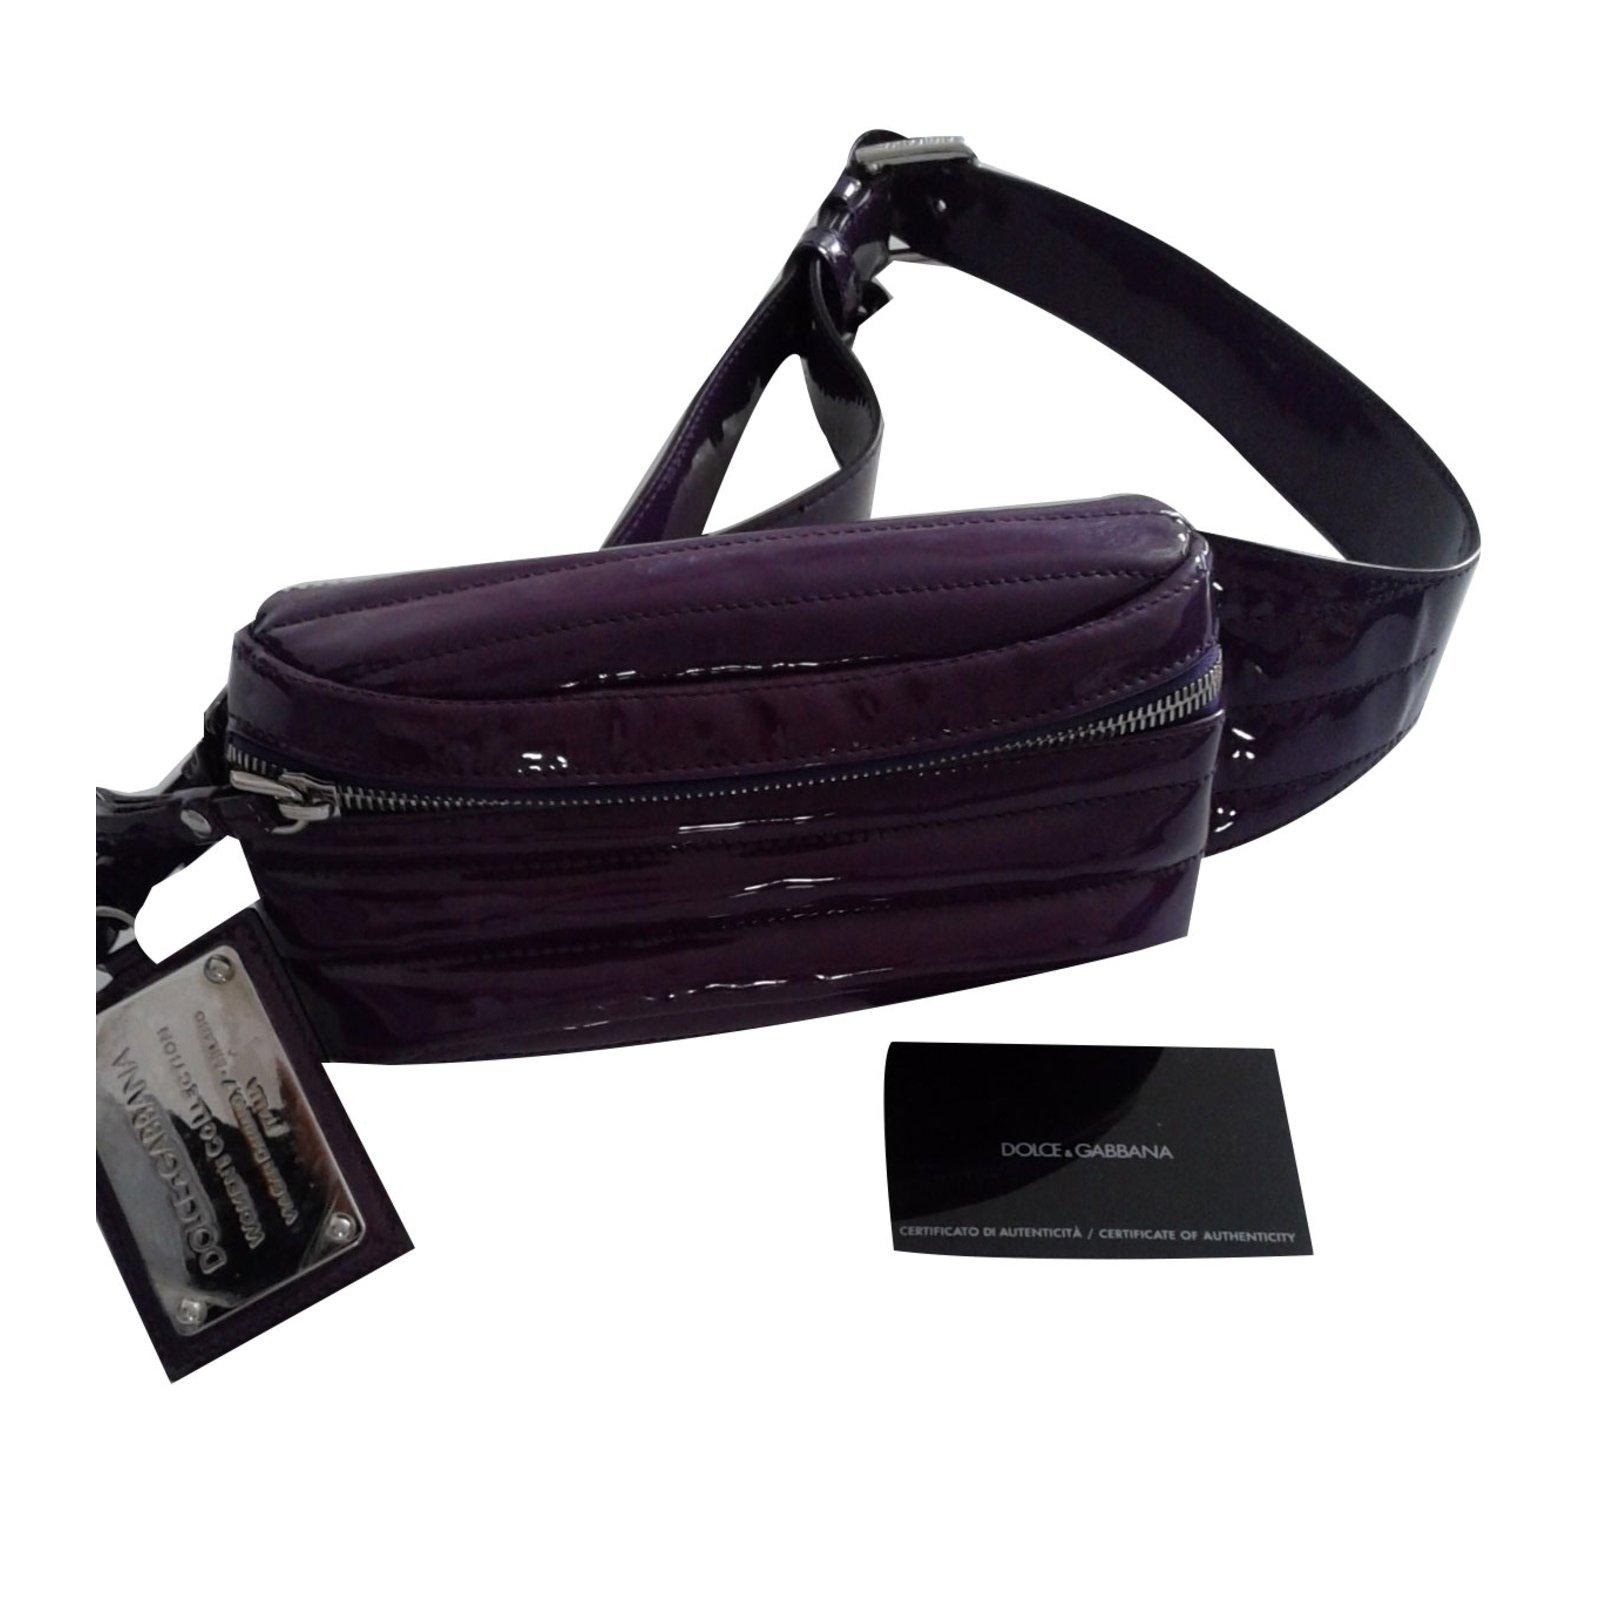 9b9dcb9276 Dolce   Gabbana Clutch bags Clutch bags Patent leather Purple ref.70233 -  Joli Closet